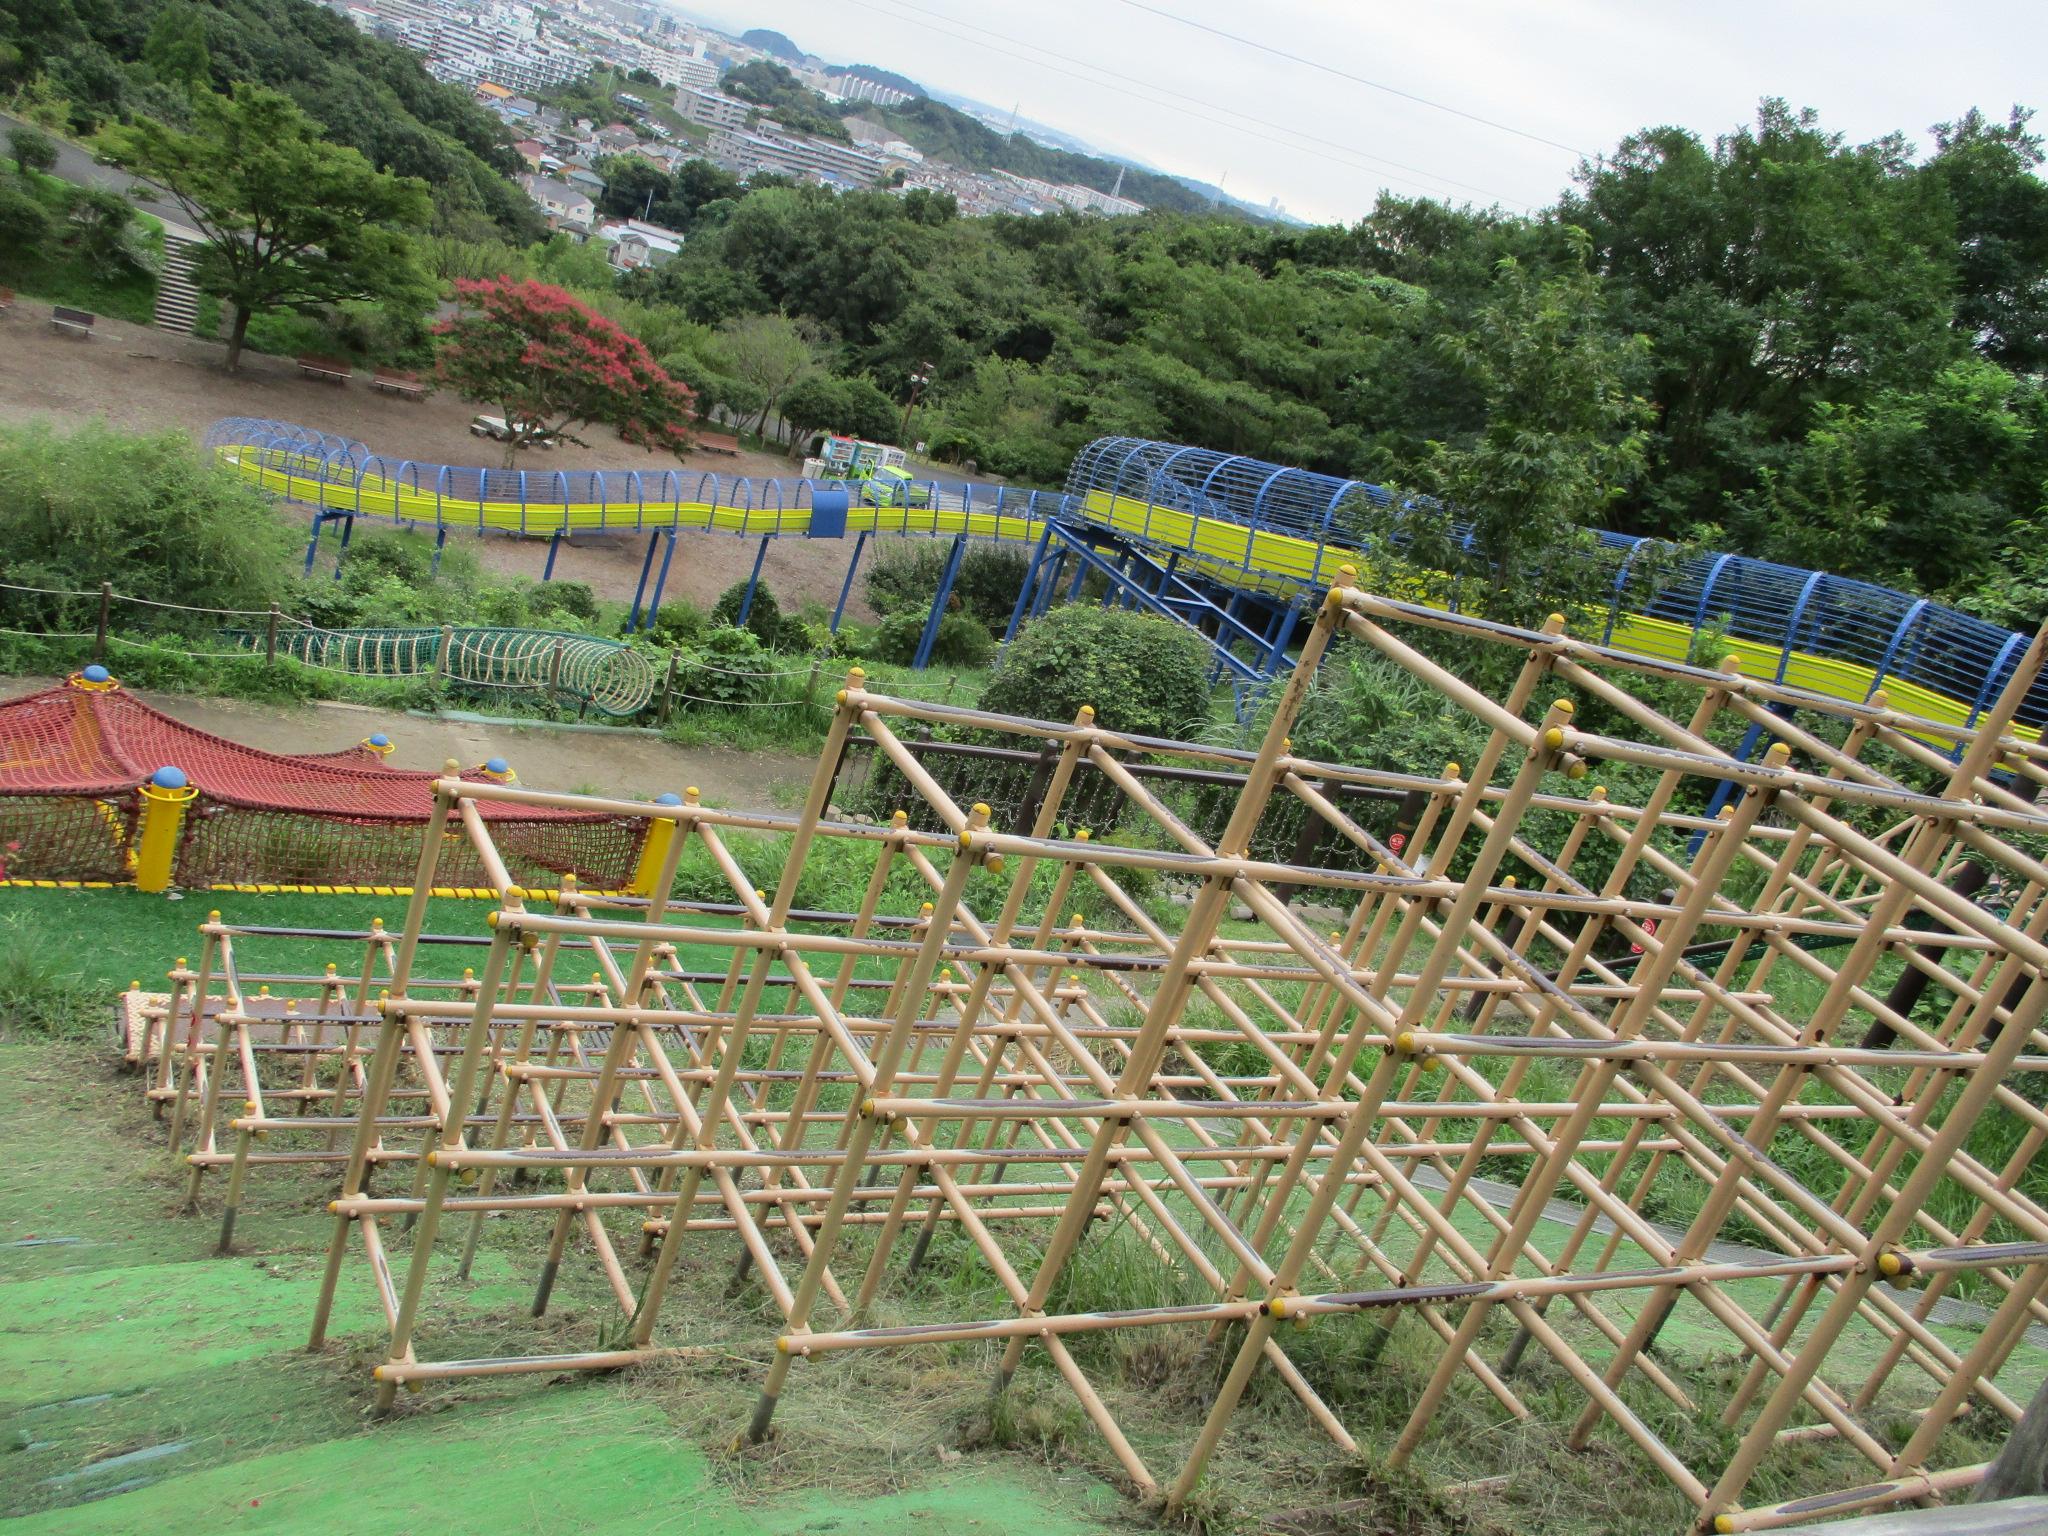 巨大遊具、大型遊具のある公園。子供と行く横浜ベスト5 | 横浜 ...